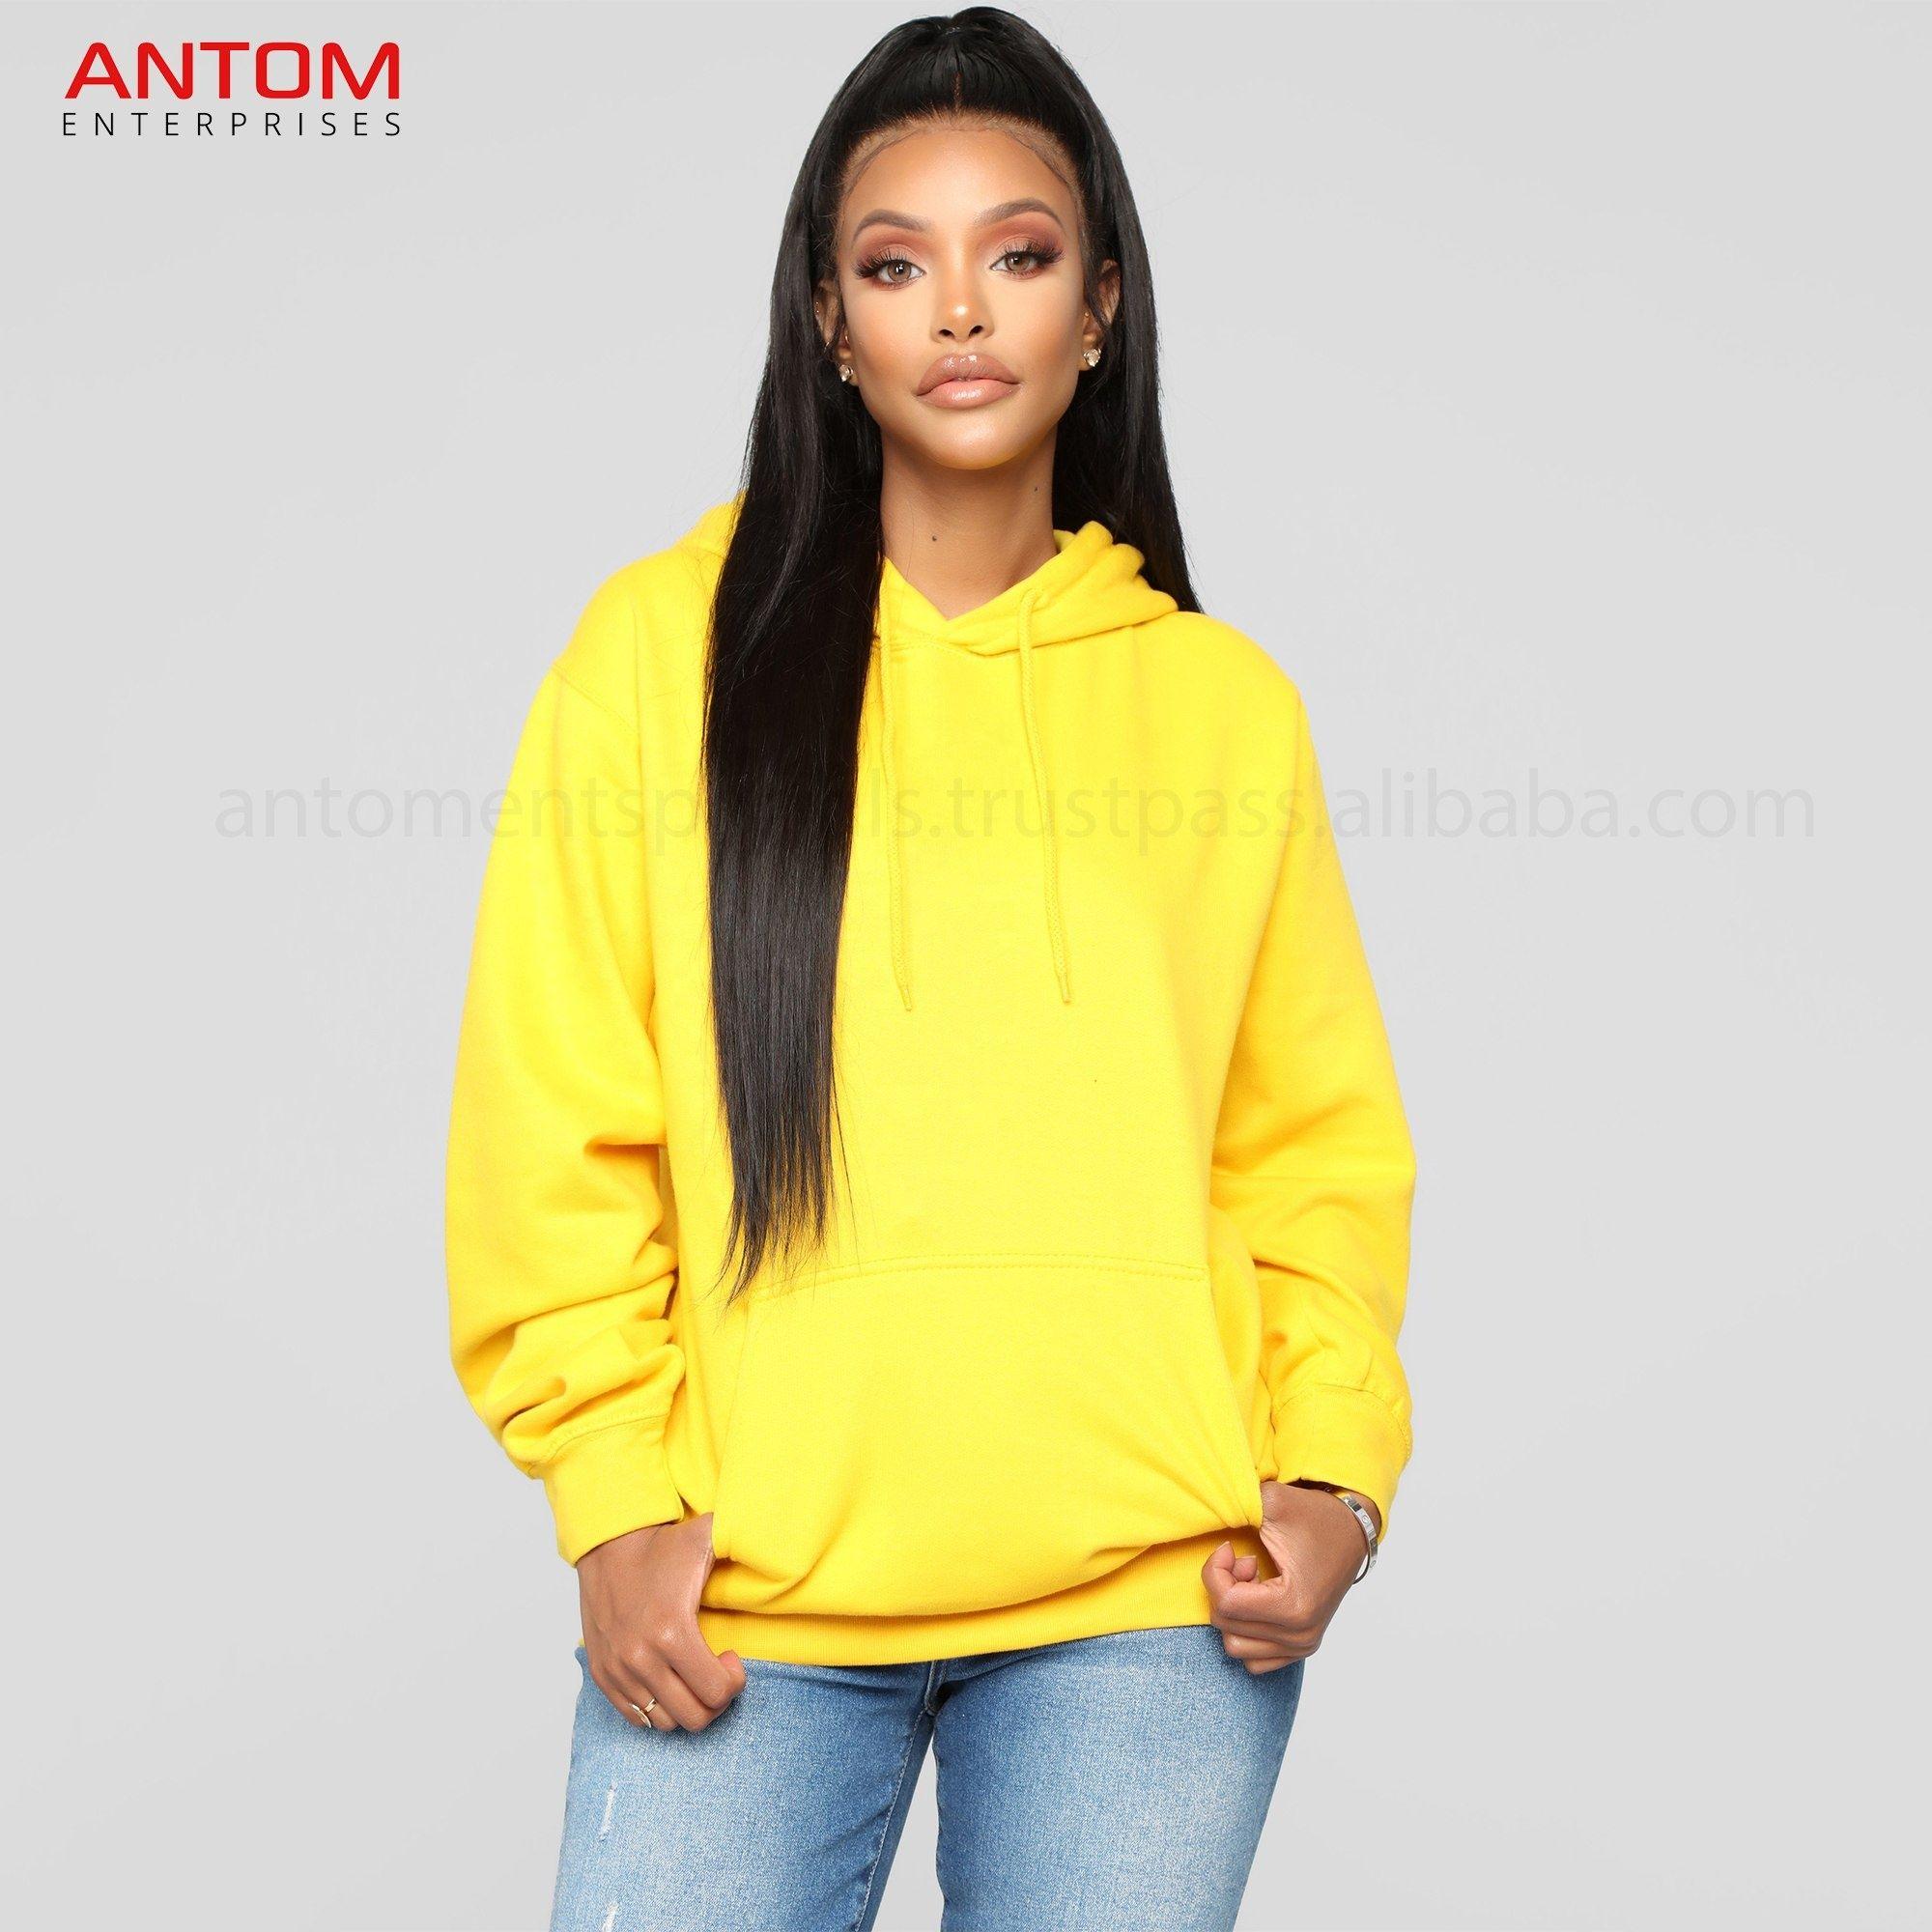 Pin By Antom Enterprises On Hoodies Hoodies Oversize Hoodie Yellow Hoodie